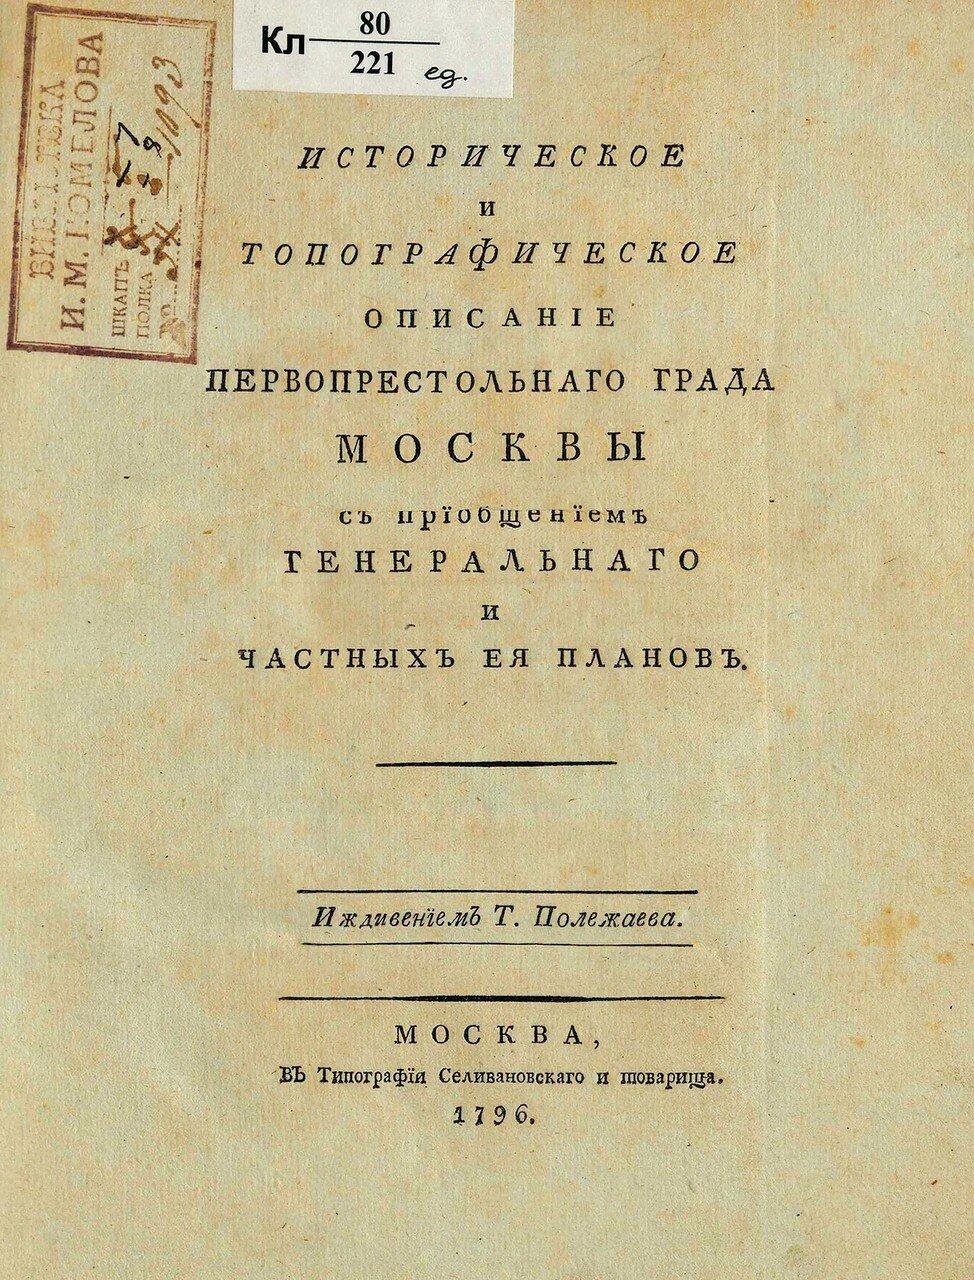 Т. Полежаев. Историческое и топографическое описание первопрестольного града Москвы